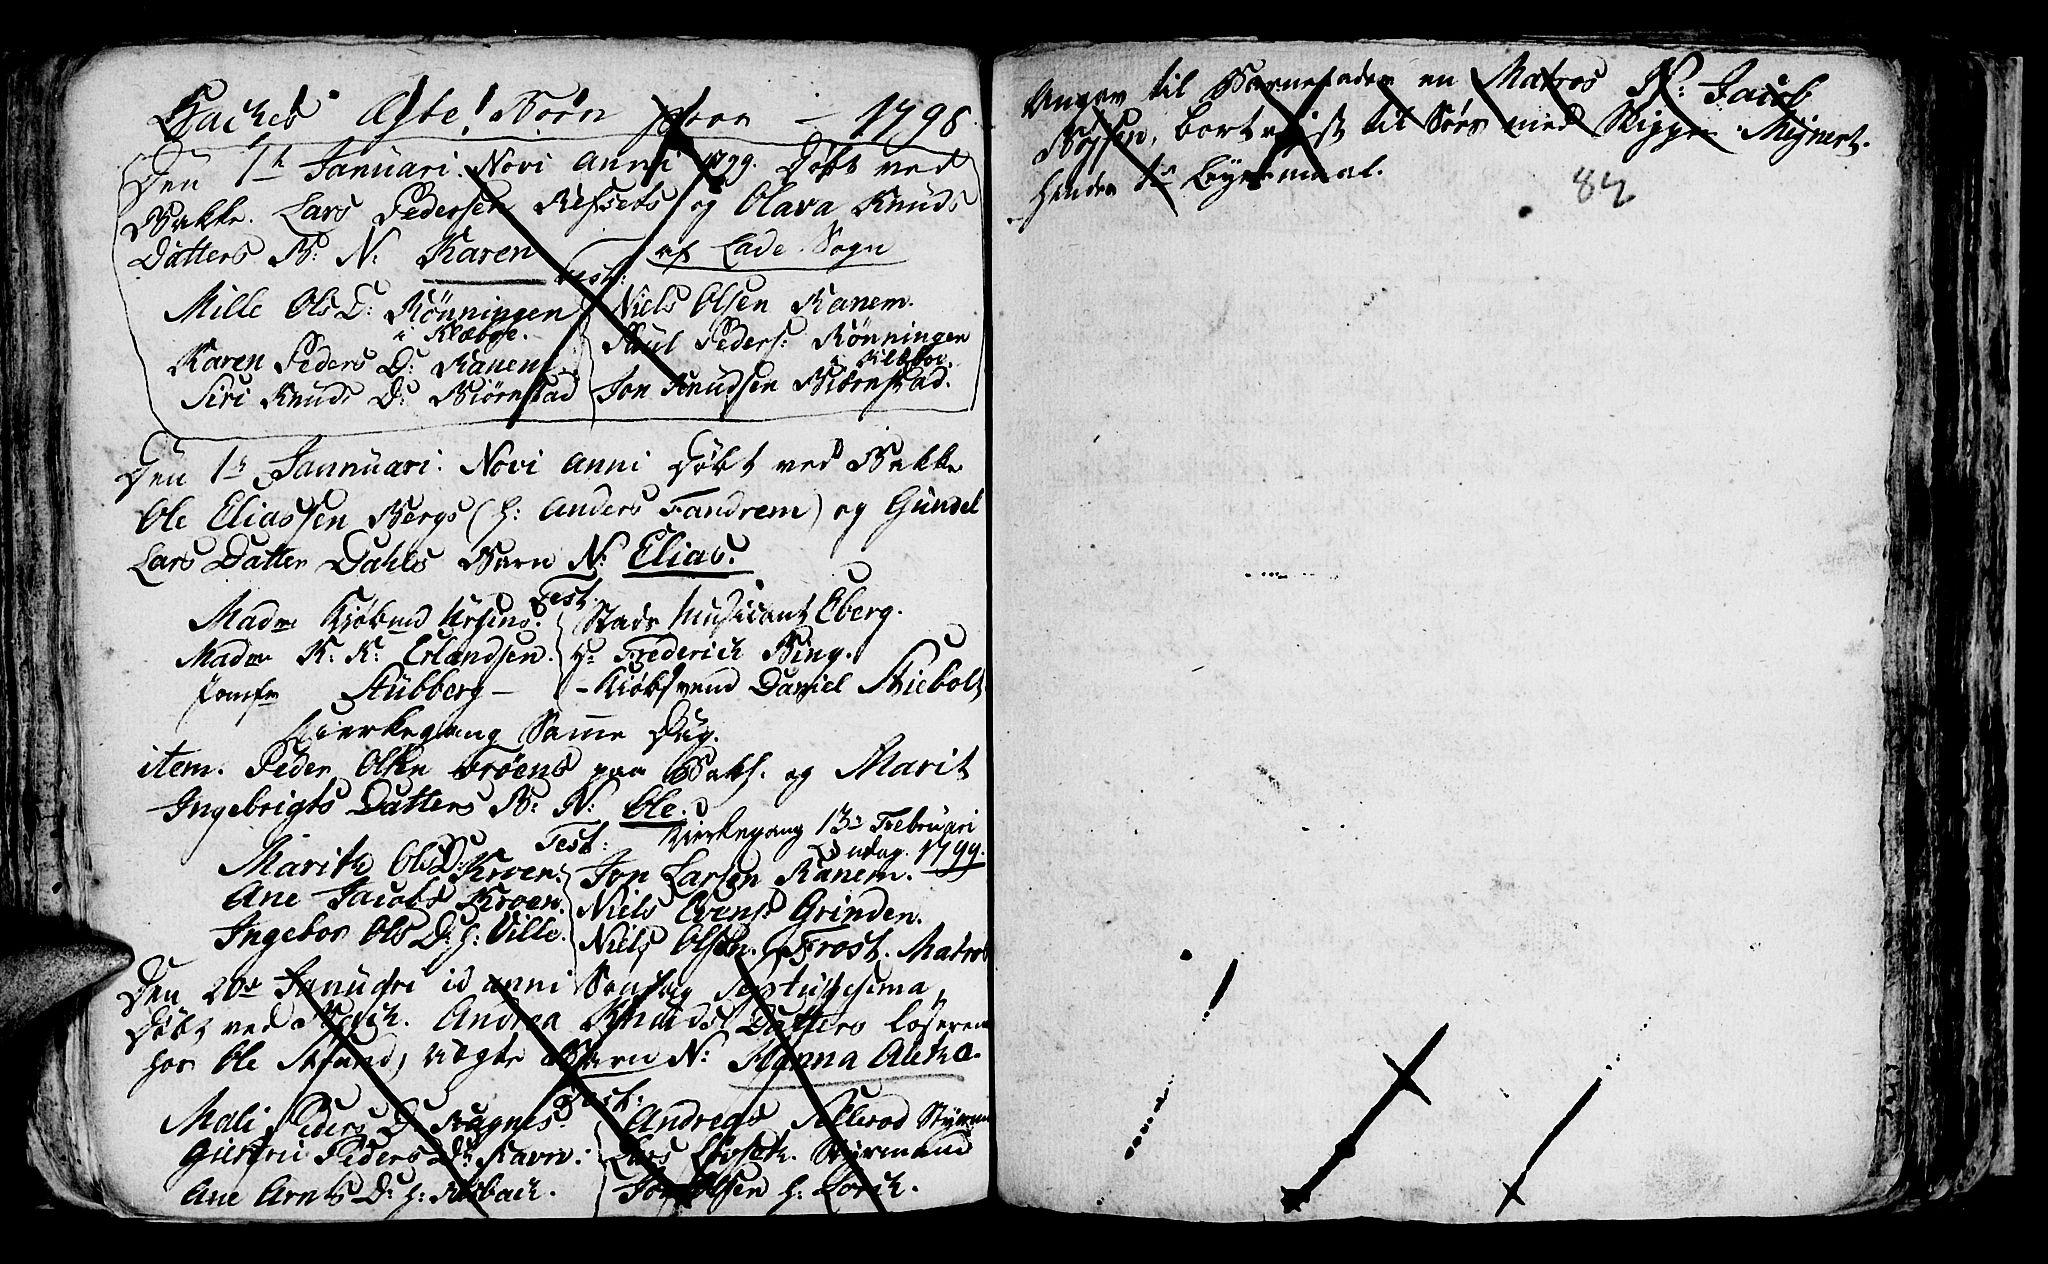 SAT, Ministerialprotokoller, klokkerbøker og fødselsregistre - Sør-Trøndelag, 604/L0218: Klokkerbok nr. 604C01, 1754-1819, s. 82